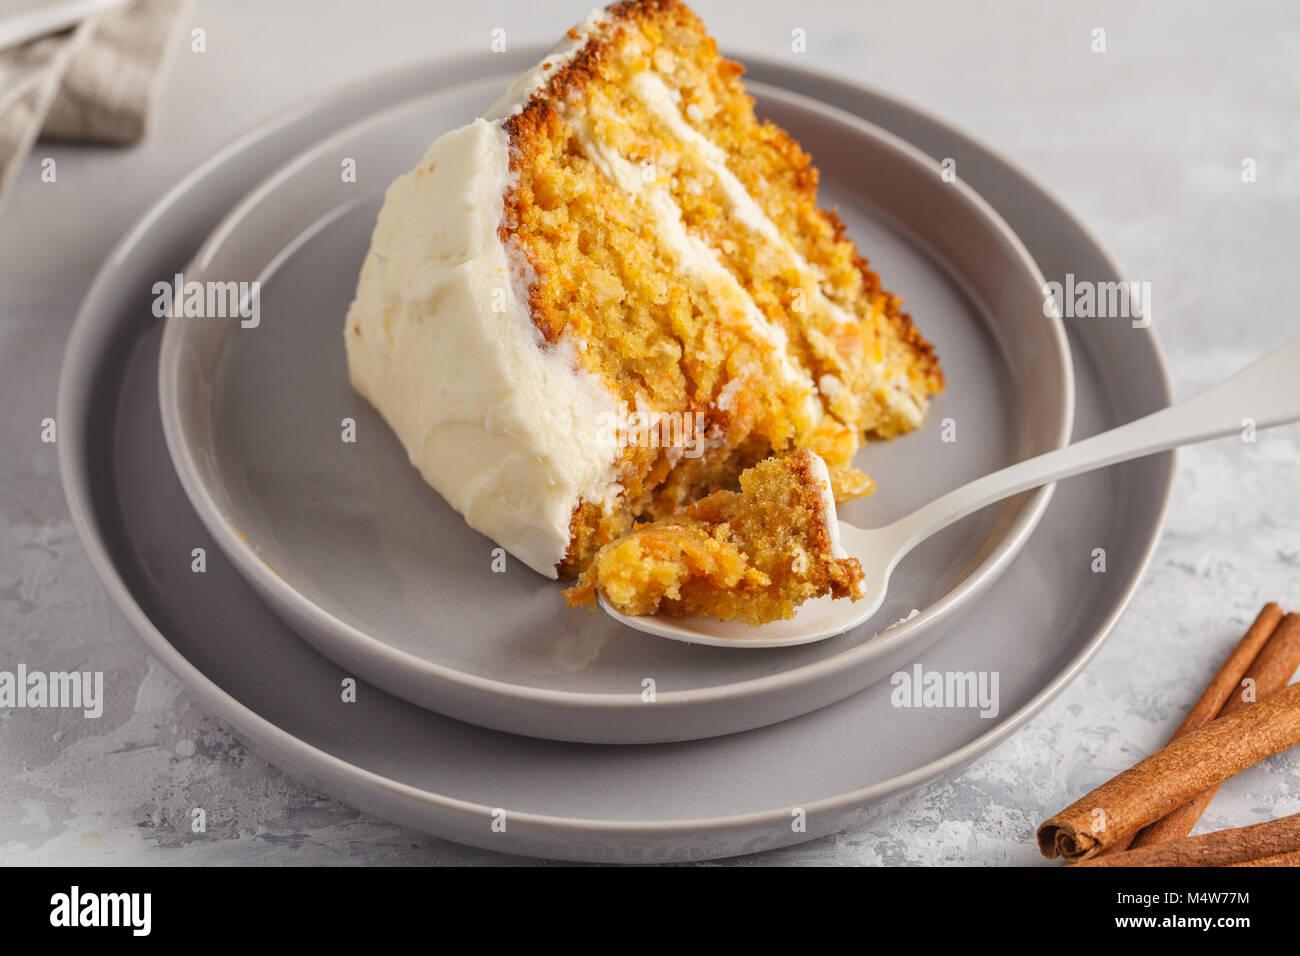 Pedazo de zanahoria torta casera con crema blanca sobre un fondo gris. Concepto de postre navideño. Imagen De Stock